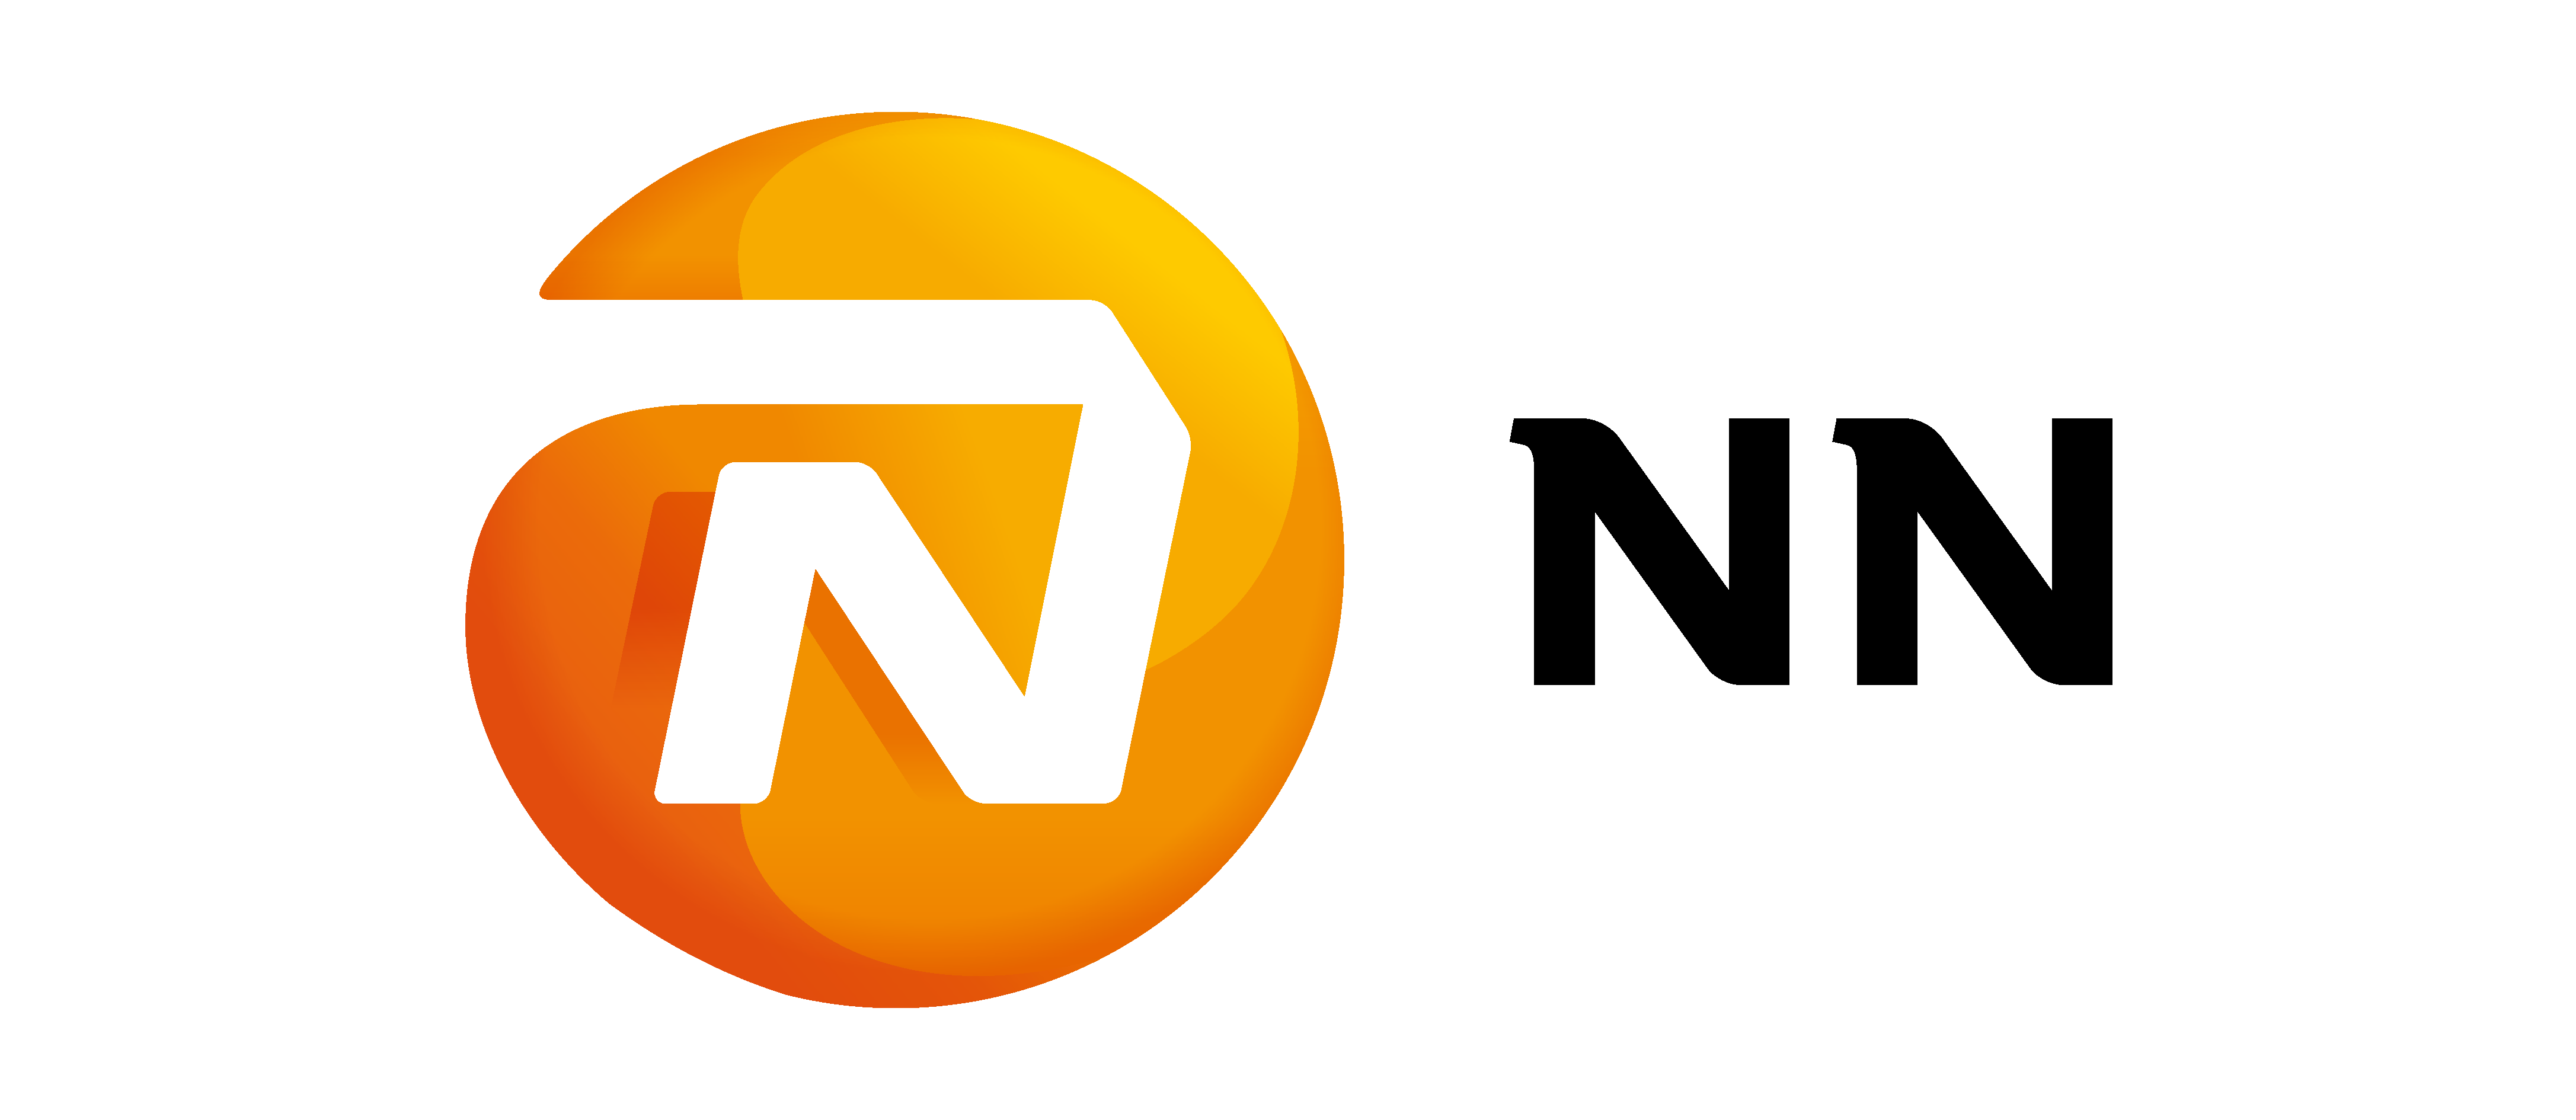 nn_group_v1_0_logo_01_rgb_fc_2400.png